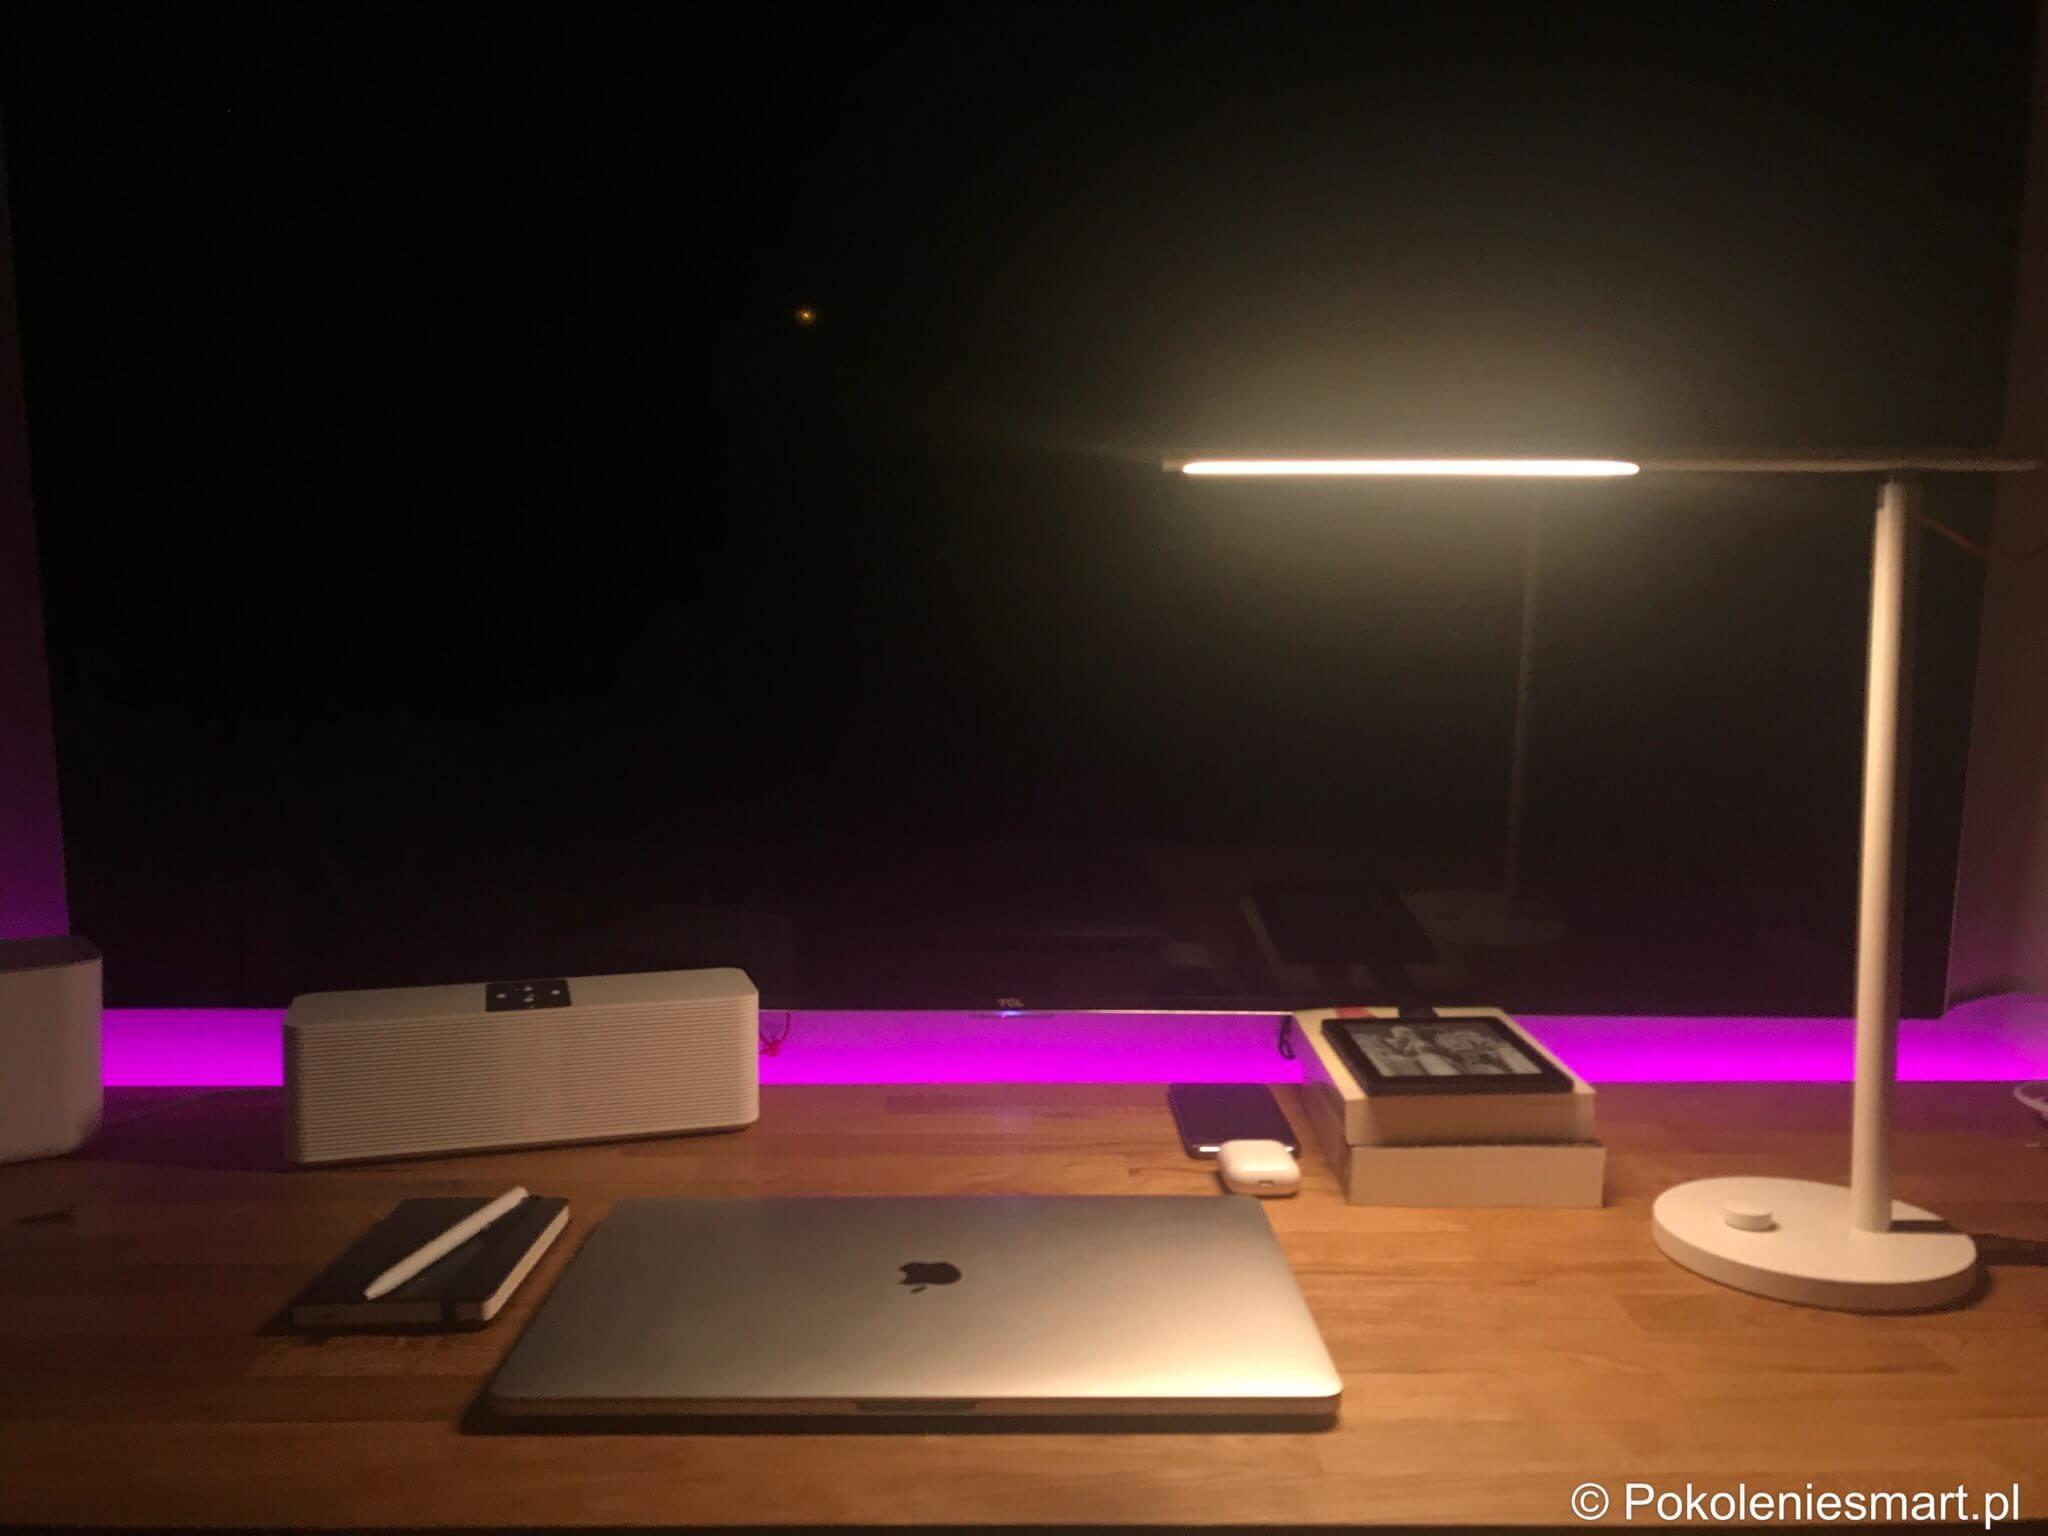 Xiaomi smart desk lamp una lampada da tavolo minimalista integrata